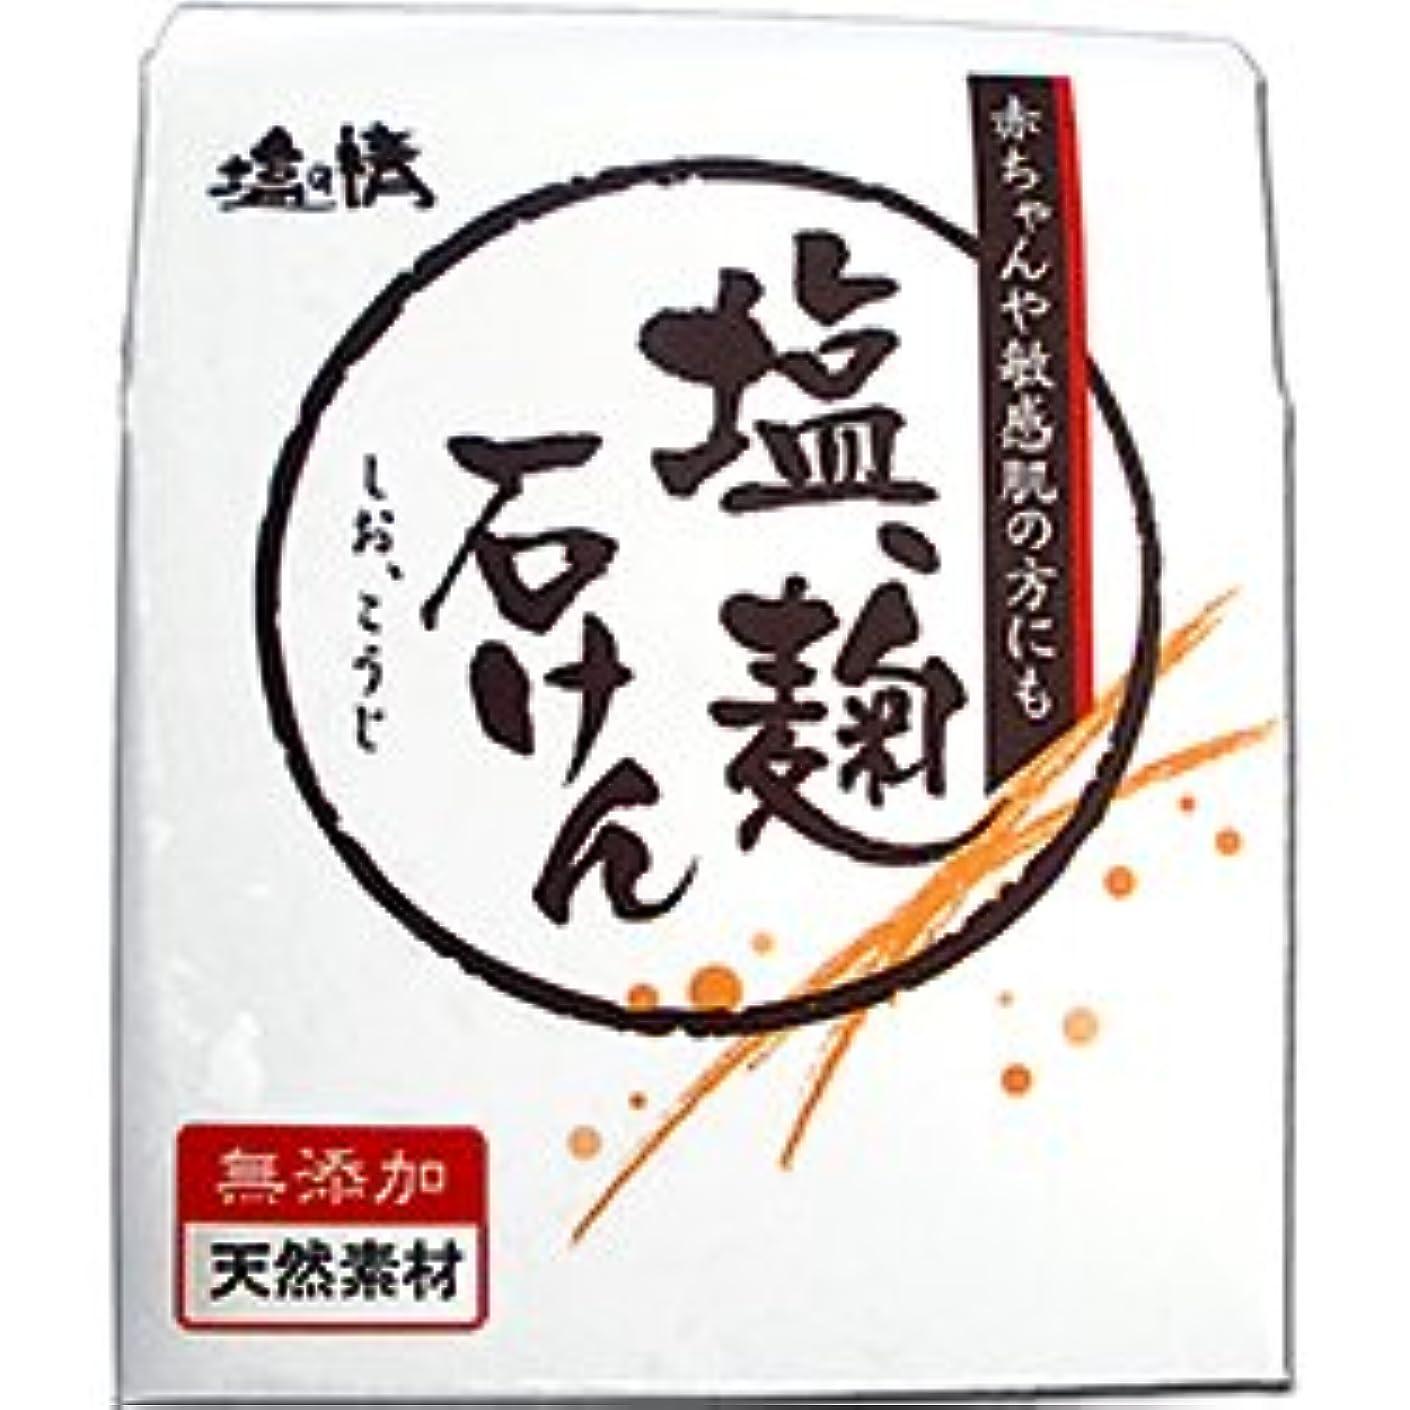 アベニューデコラティブ同様の【ダイムヘルスケア】塩の精 塩、麹石けん(しお、こうじせっけん) 無添加?天然素材 80g ×20個セット